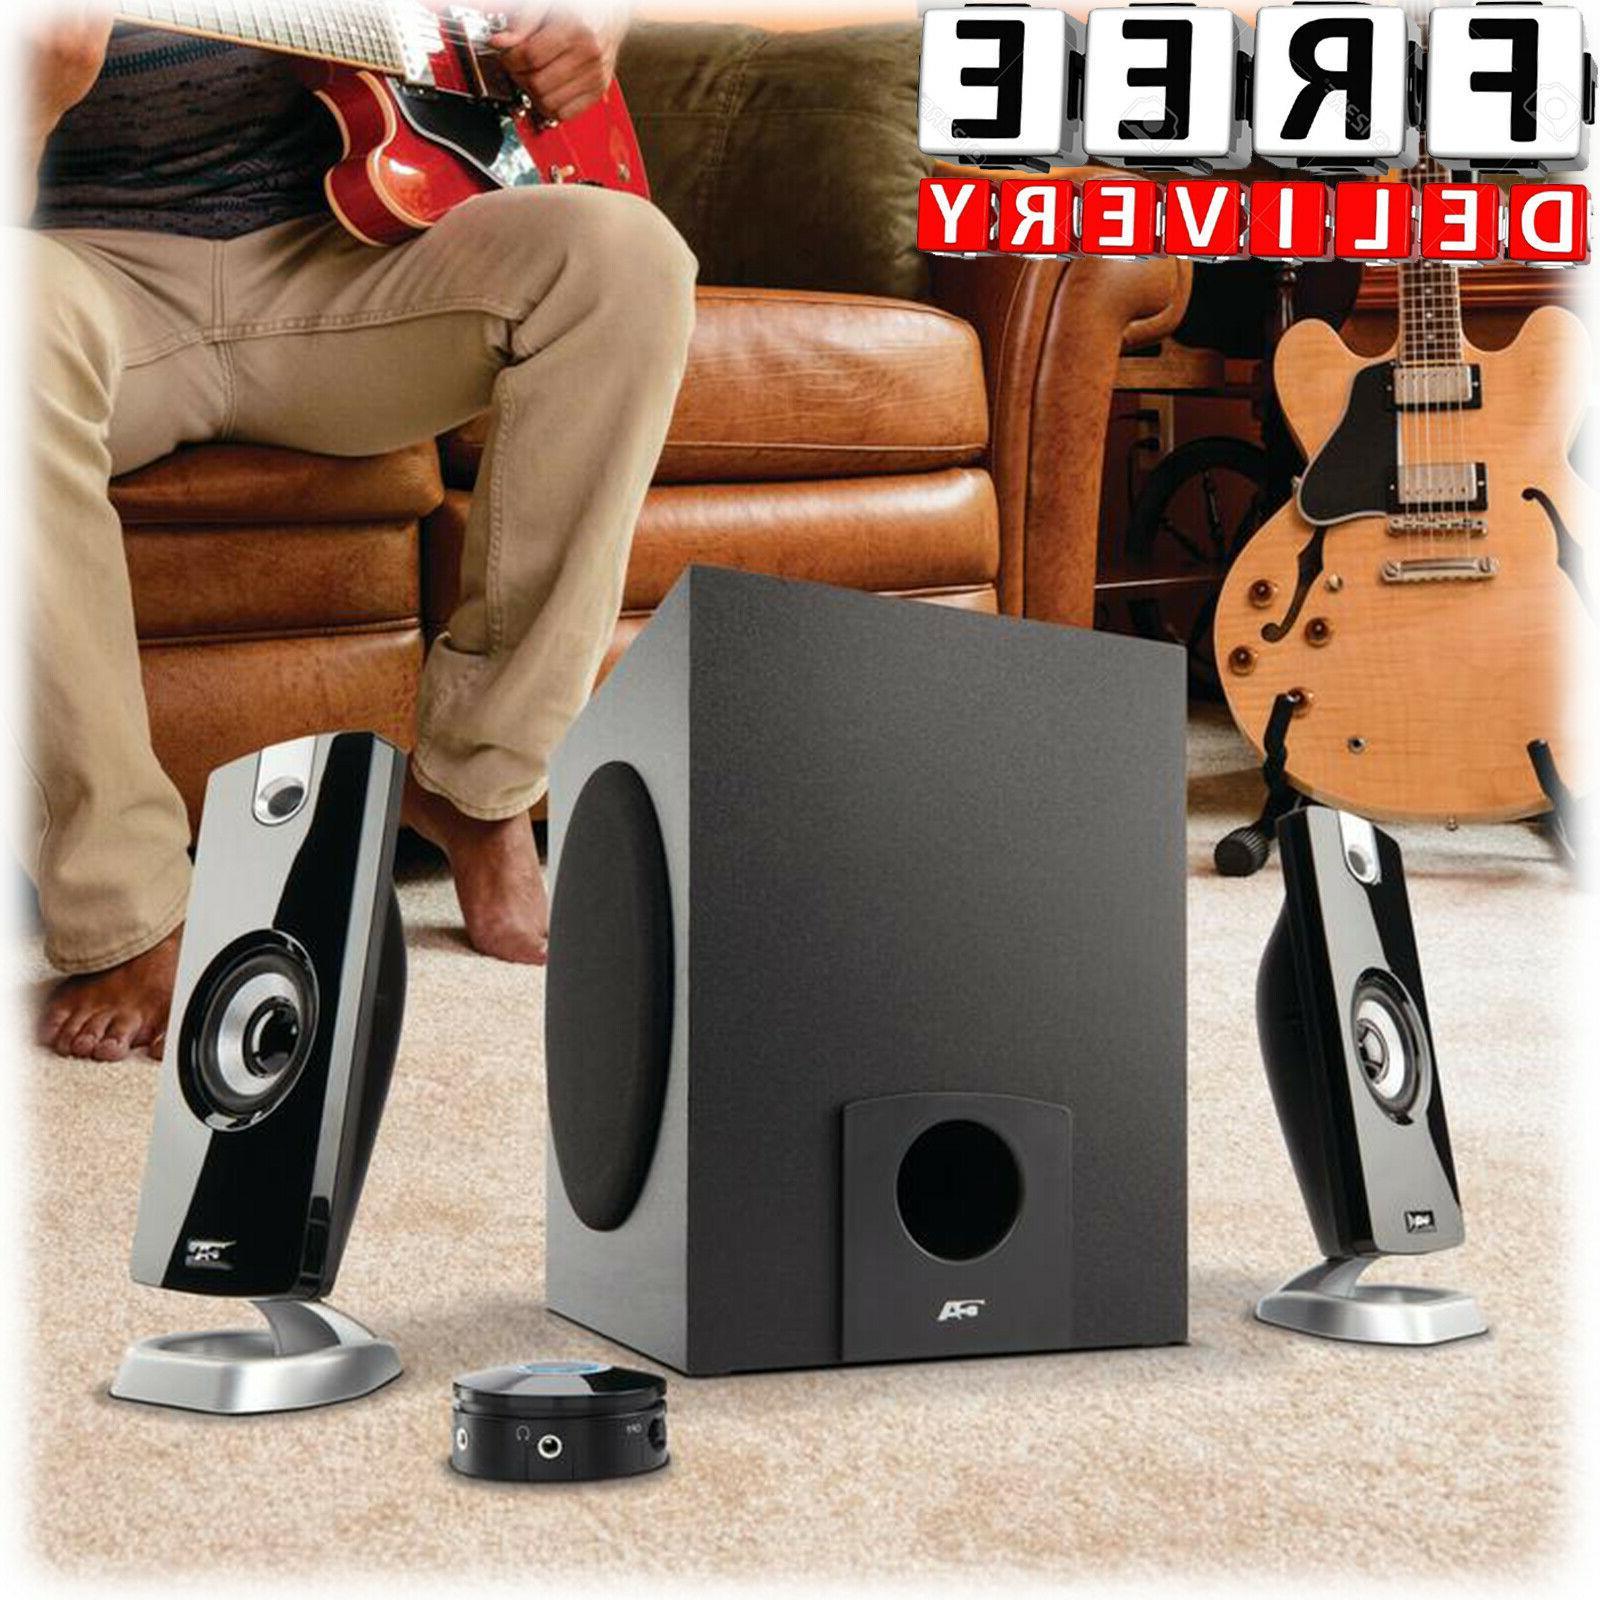 subwoofer speaker system 2 1 home audio